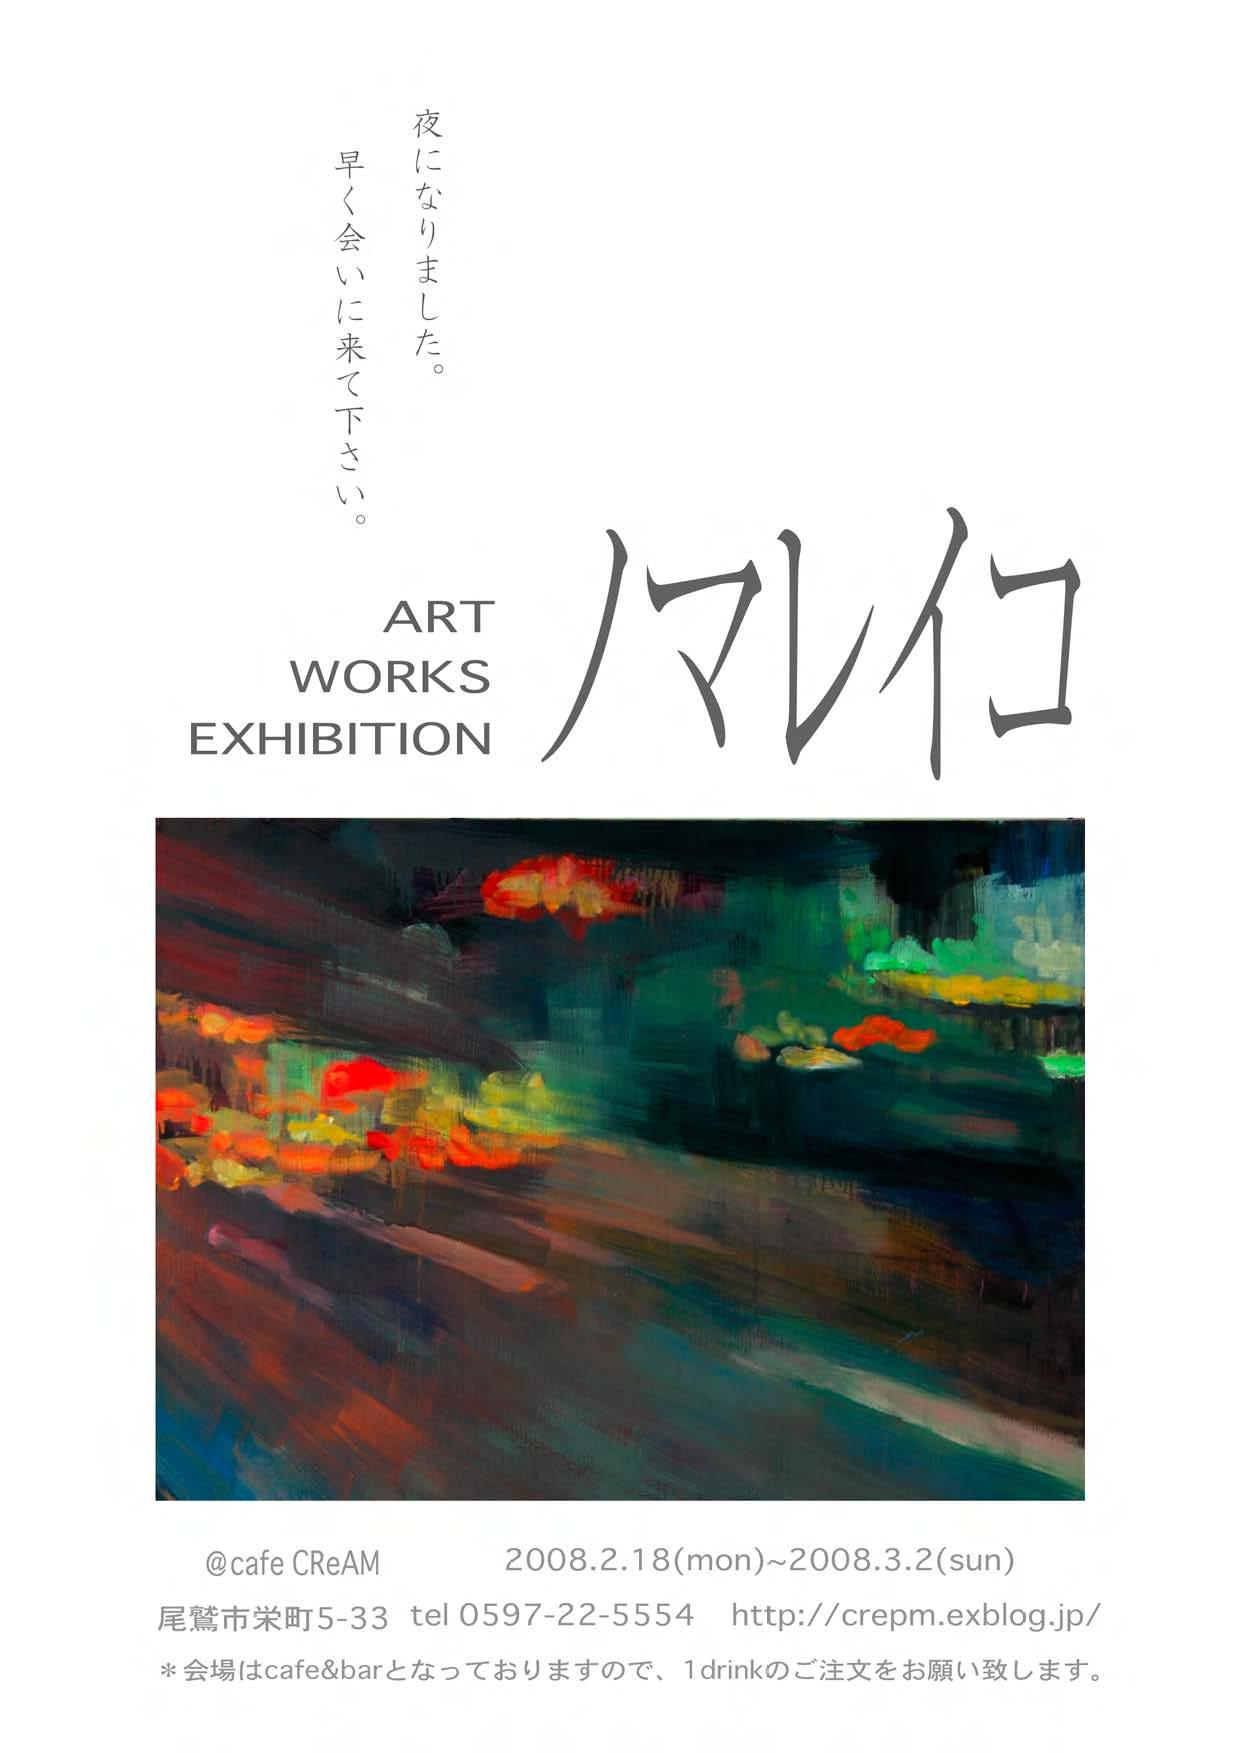 ノマレイコ作品展のお知らせ_c0010936_14143333.jpg